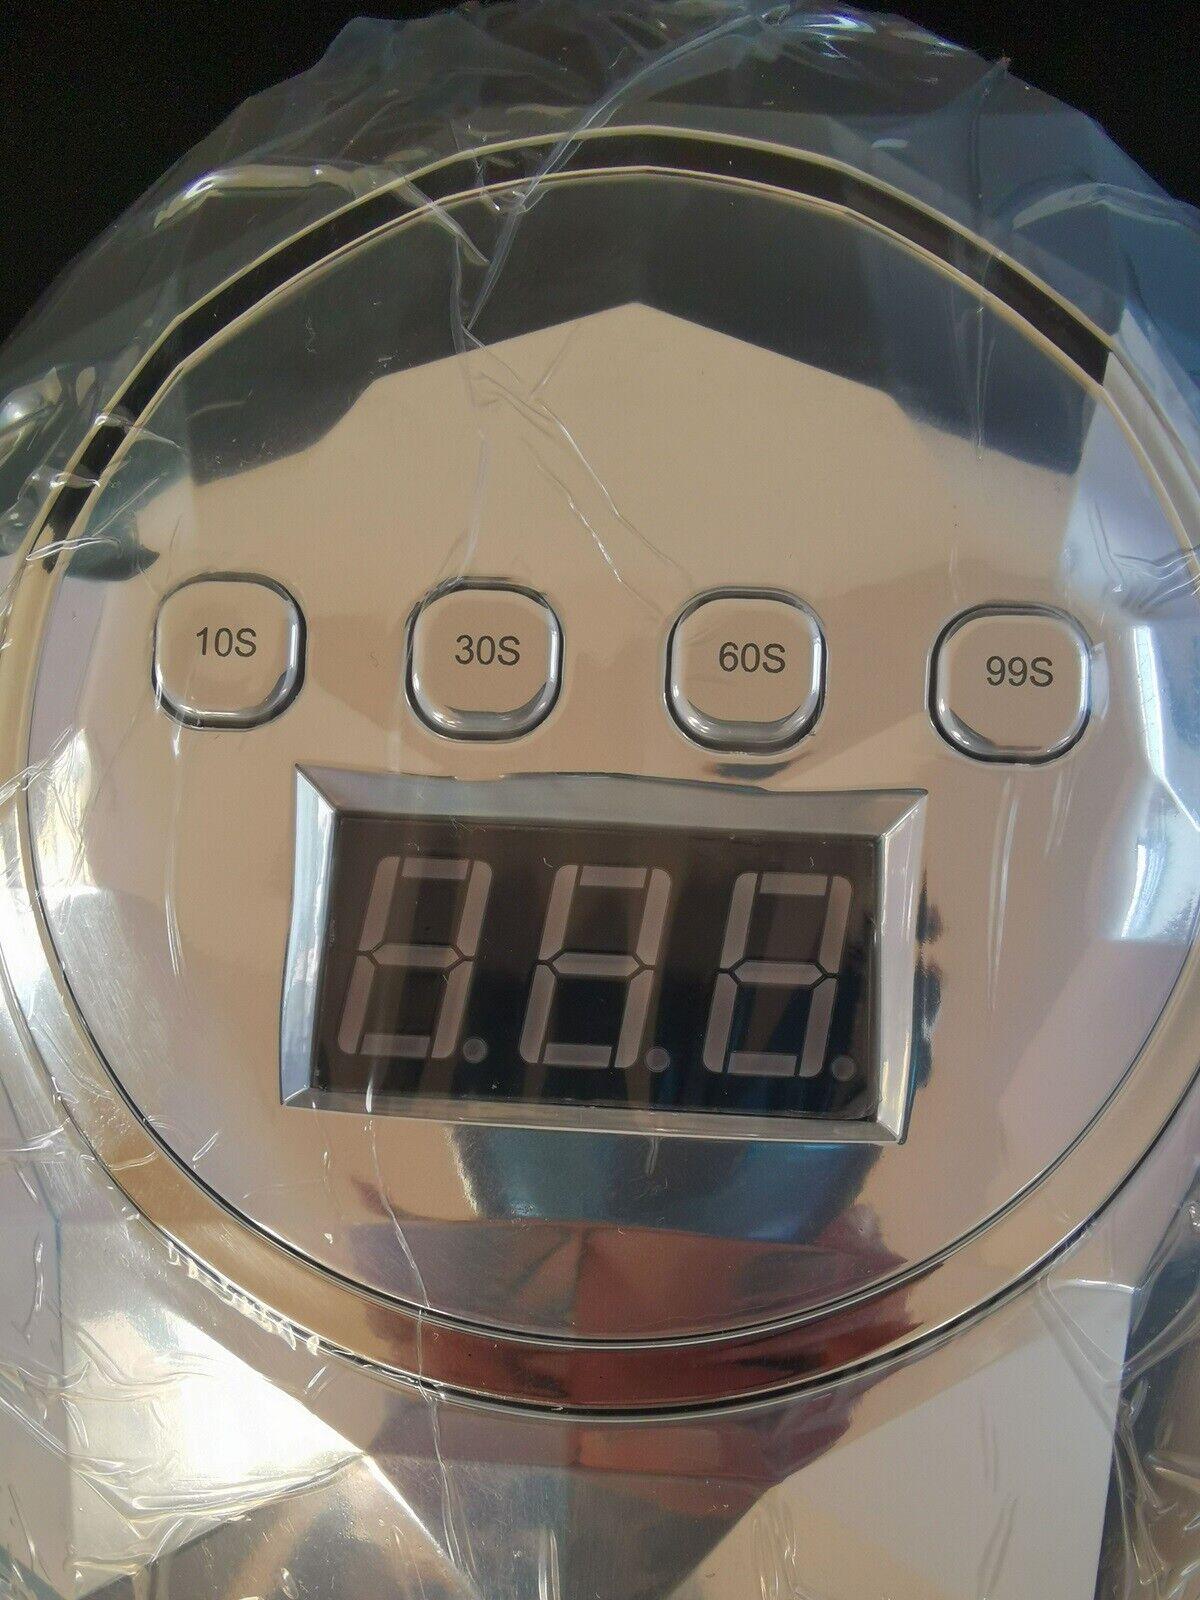 Wellnessprodukter, Nye 86watt uvled lamper.